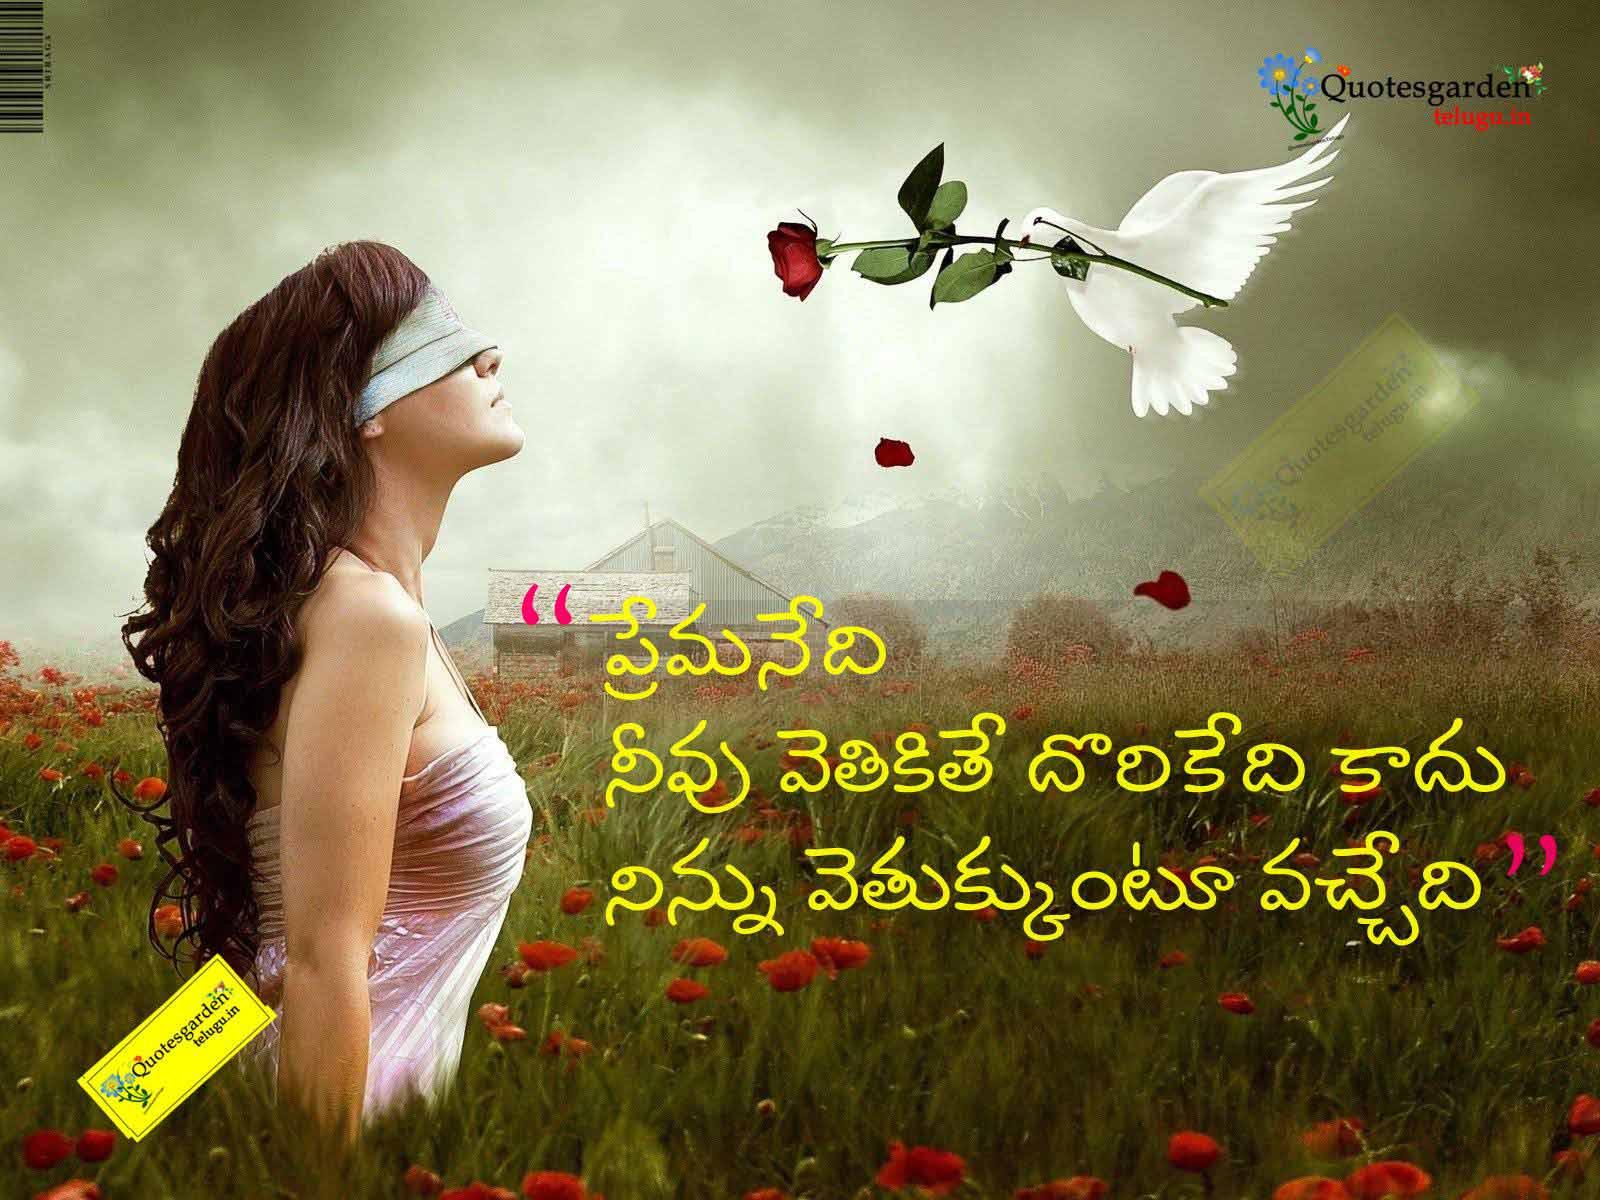 love quotes in telugu quotes garden telugu telugu